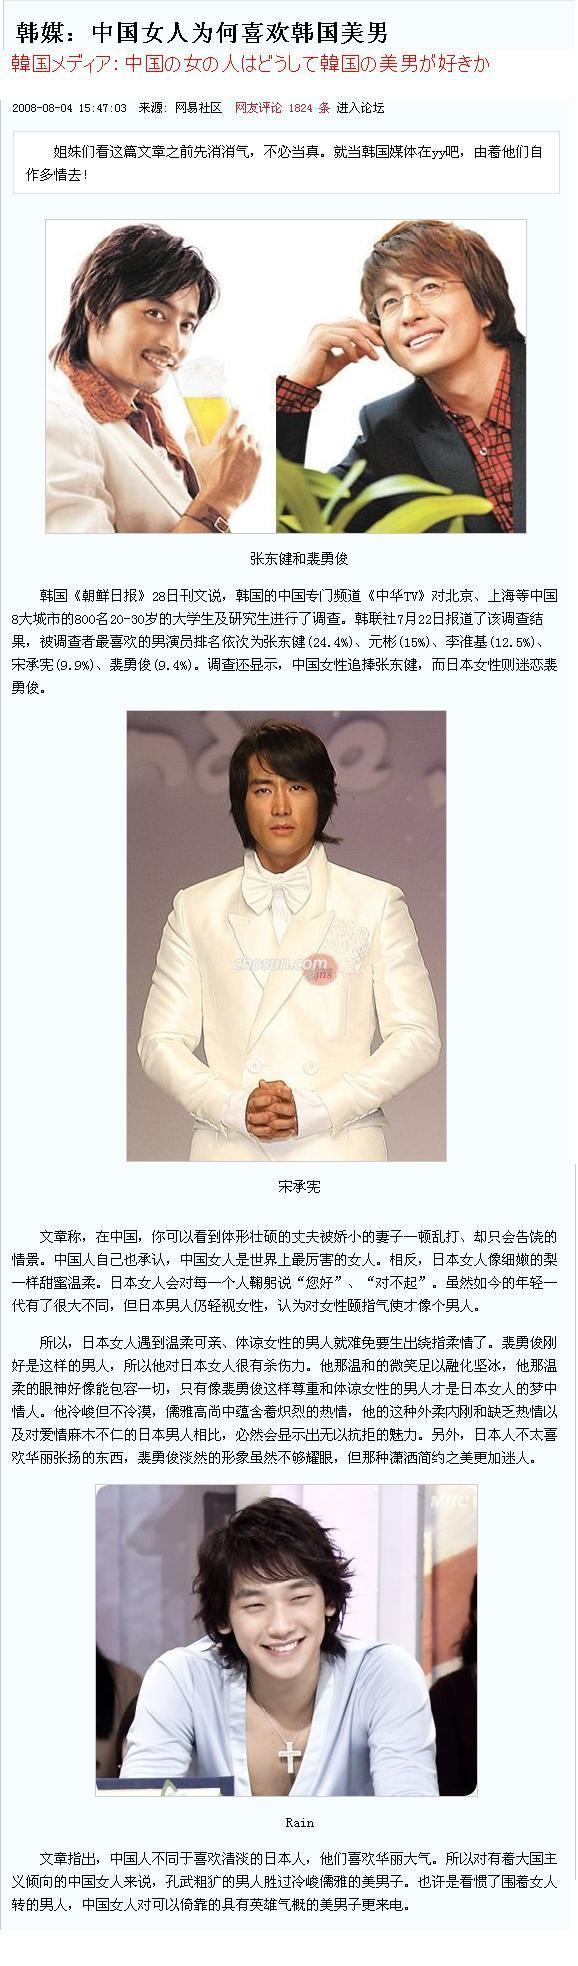 2008koreajijyouaho1.jpg